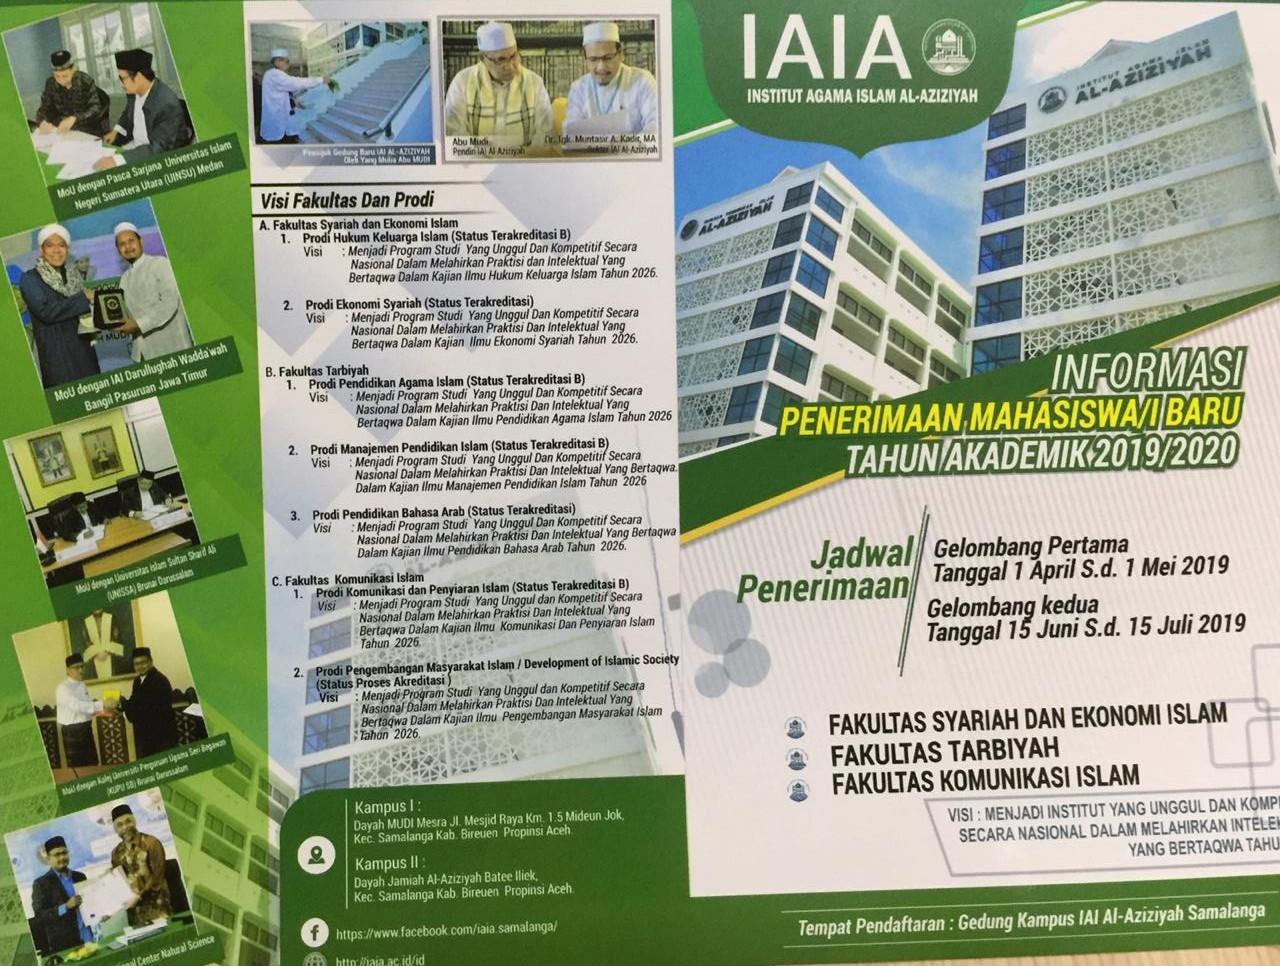 IAI Al-Aziziyah Samalanga Membuka Pendaftaran Mahasiswa Baru Awal April Ini